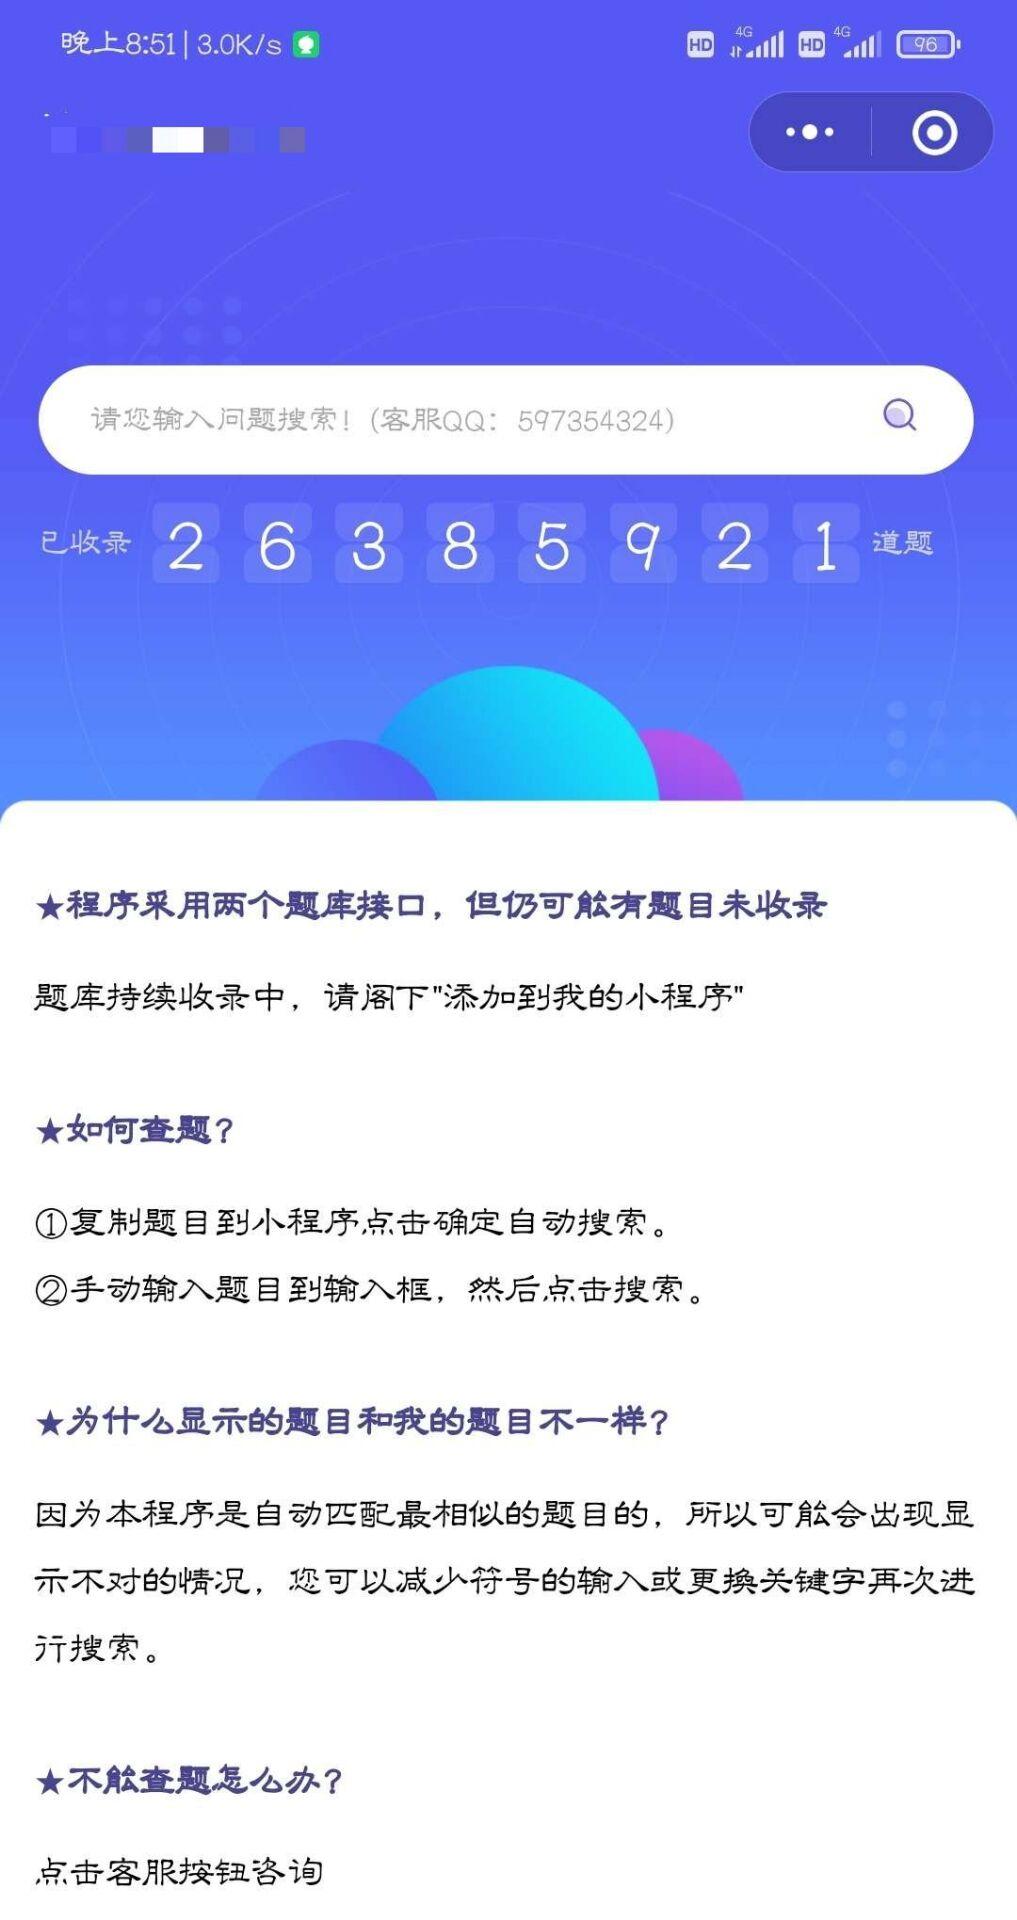 网课搜答案小程序源码